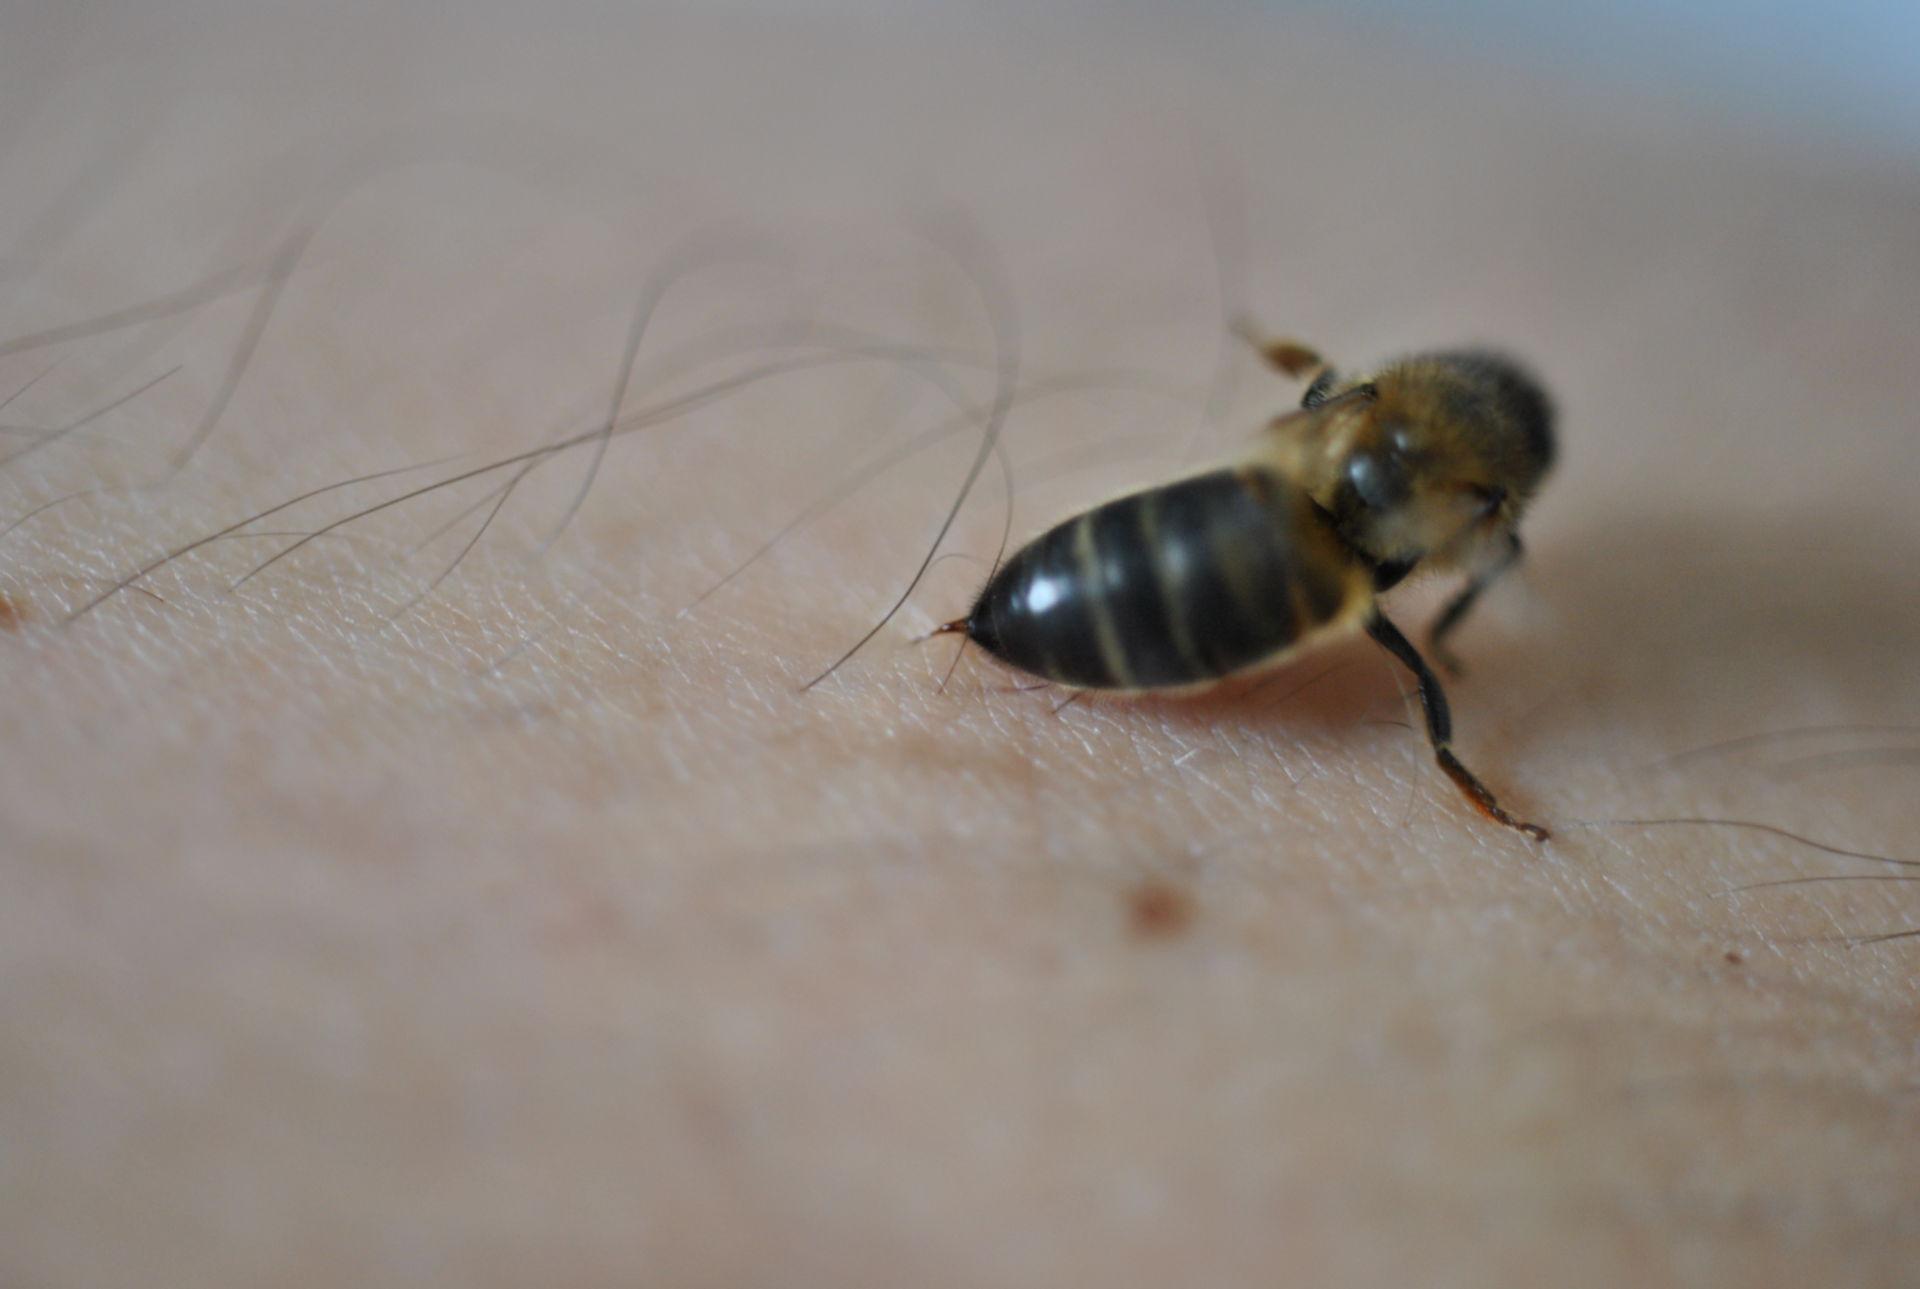 Biene beim Stechen auf der Haut.